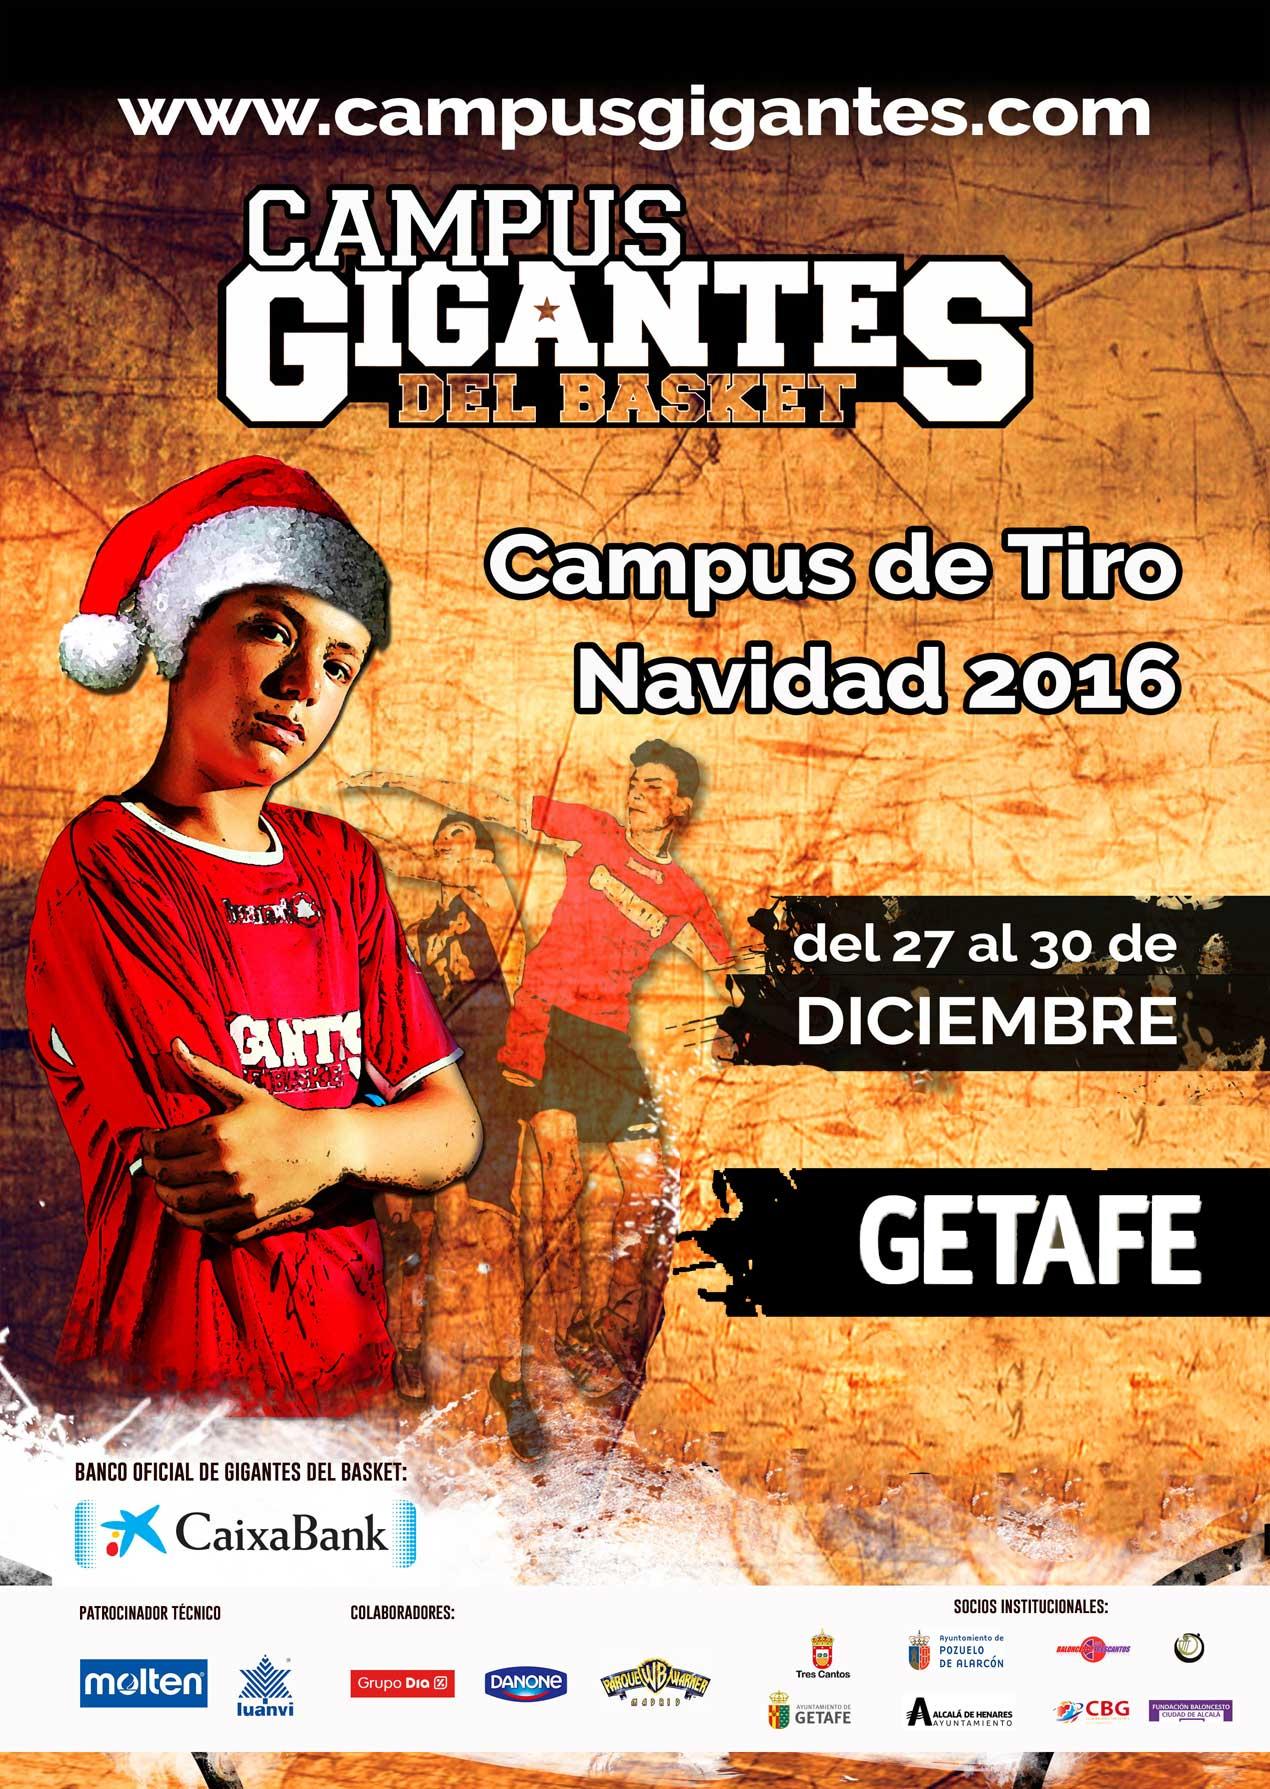 Getafe acoge el Campus Gigantes del Basket